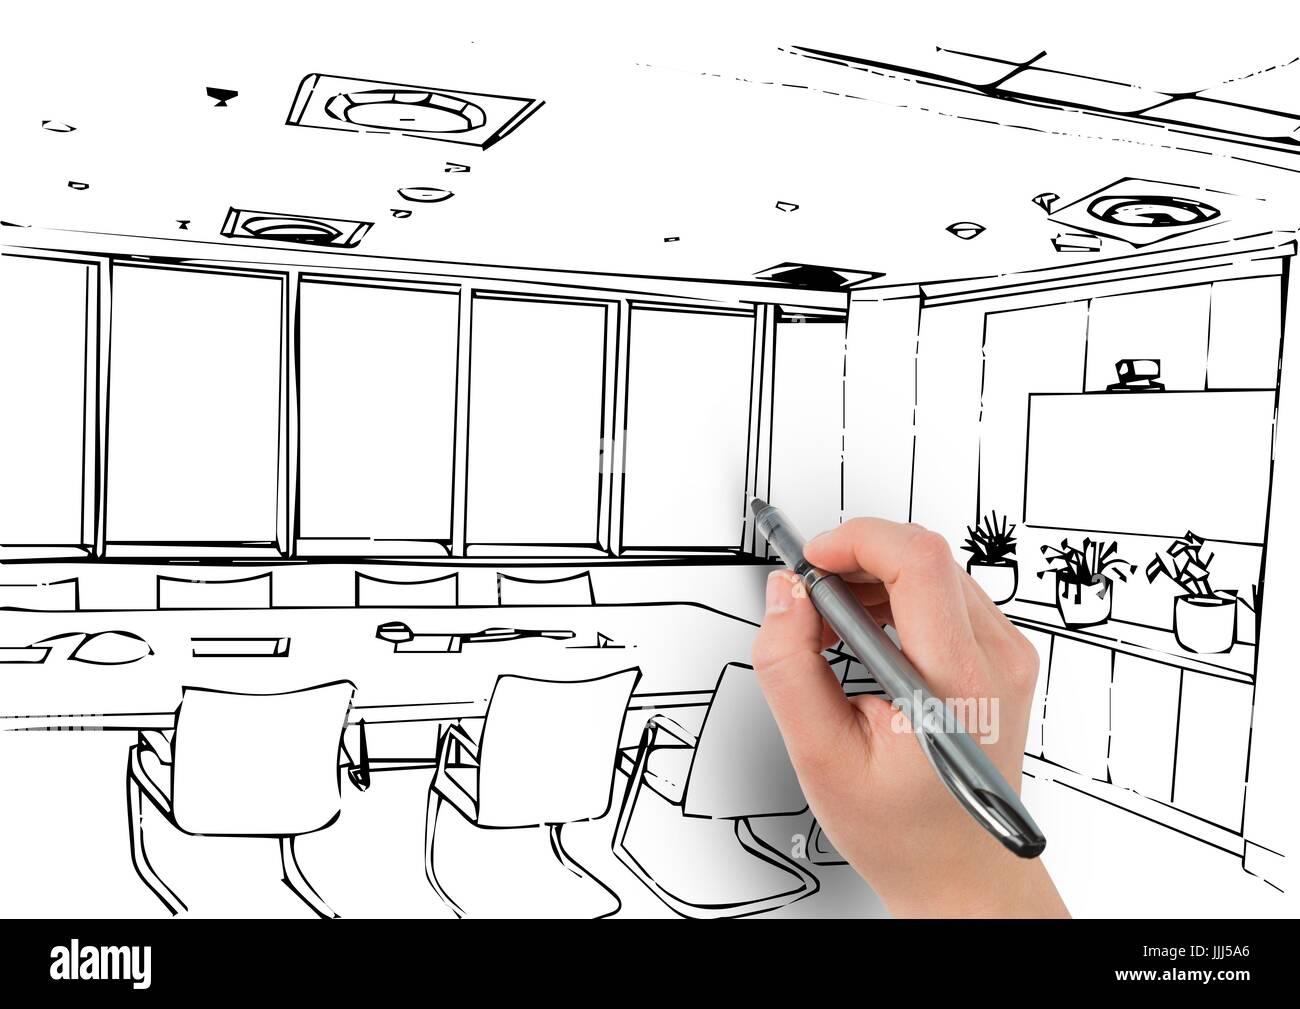 3d Hand Zeichnen Buro Von Linien Stockfoto Bild 149146094 Alamy